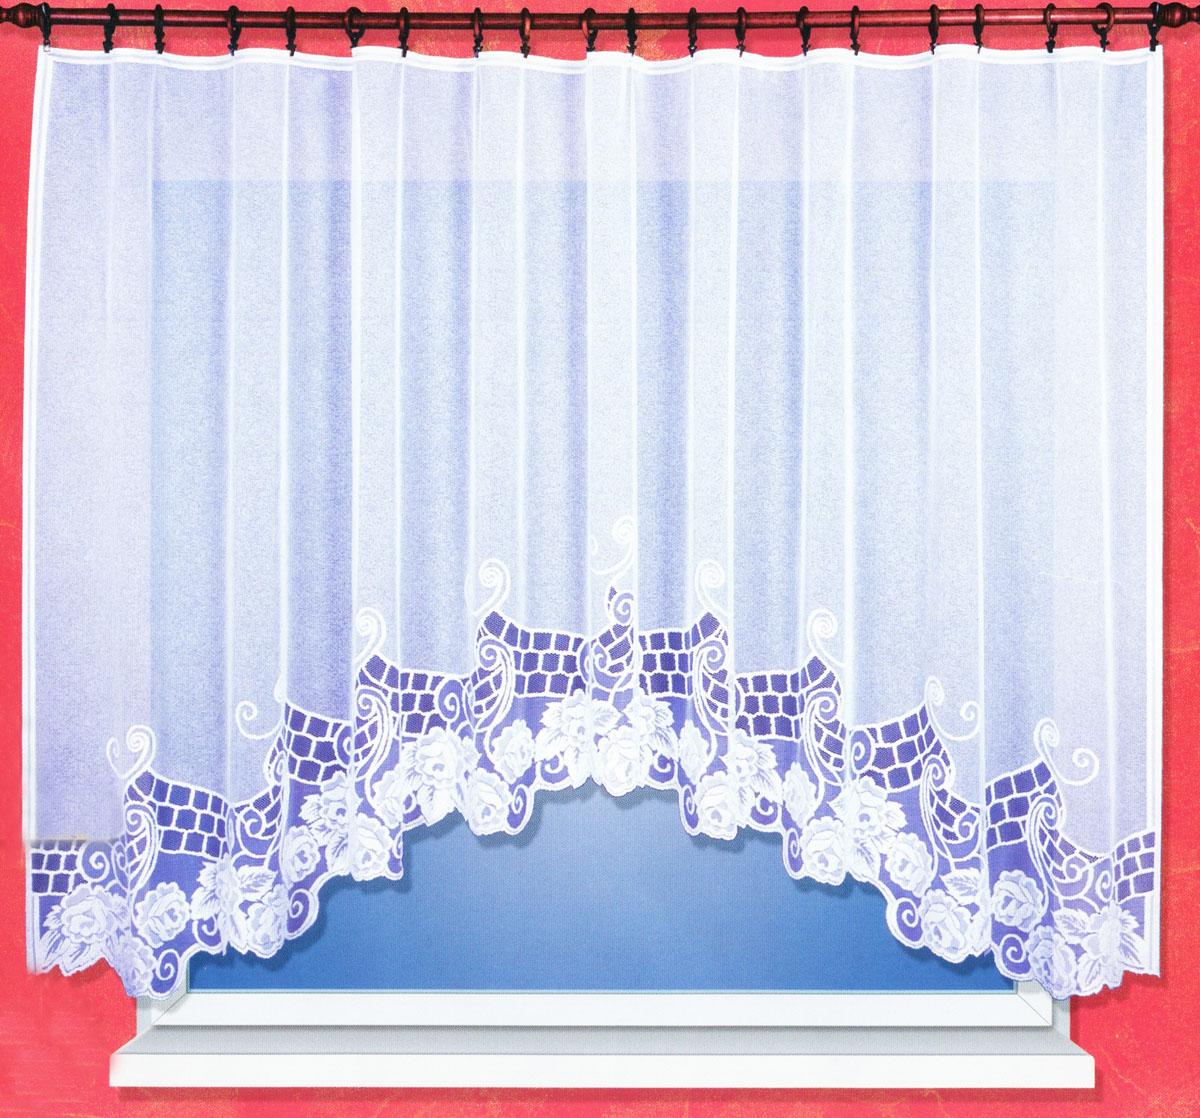 Гардина Haft, на ленте, цвет: белый, высота 160 см. 38200/160SVC-300Гардина Haft, изготовленная из сетчатой ткани (100% полиэстера), великолепноукрасит любое окно. Полупрозрачная ткань и цветочная вышивка привлекут ксебе внимание и органично впишутся в интерьер помещения. Полиэстер - вид ткани, состоящий из полиэфирных волокон. Ткани из полиэстера -легкие, прочные и износостойкие. Такие изделия не требуют специального ухода,не пылятся и почти не мнутся.Гардина крепится на карниз при помощи ленты, которая поможет красиво иравномерно задрапировать верх. Такая гардина идеально оформит интерьер любого помещения.